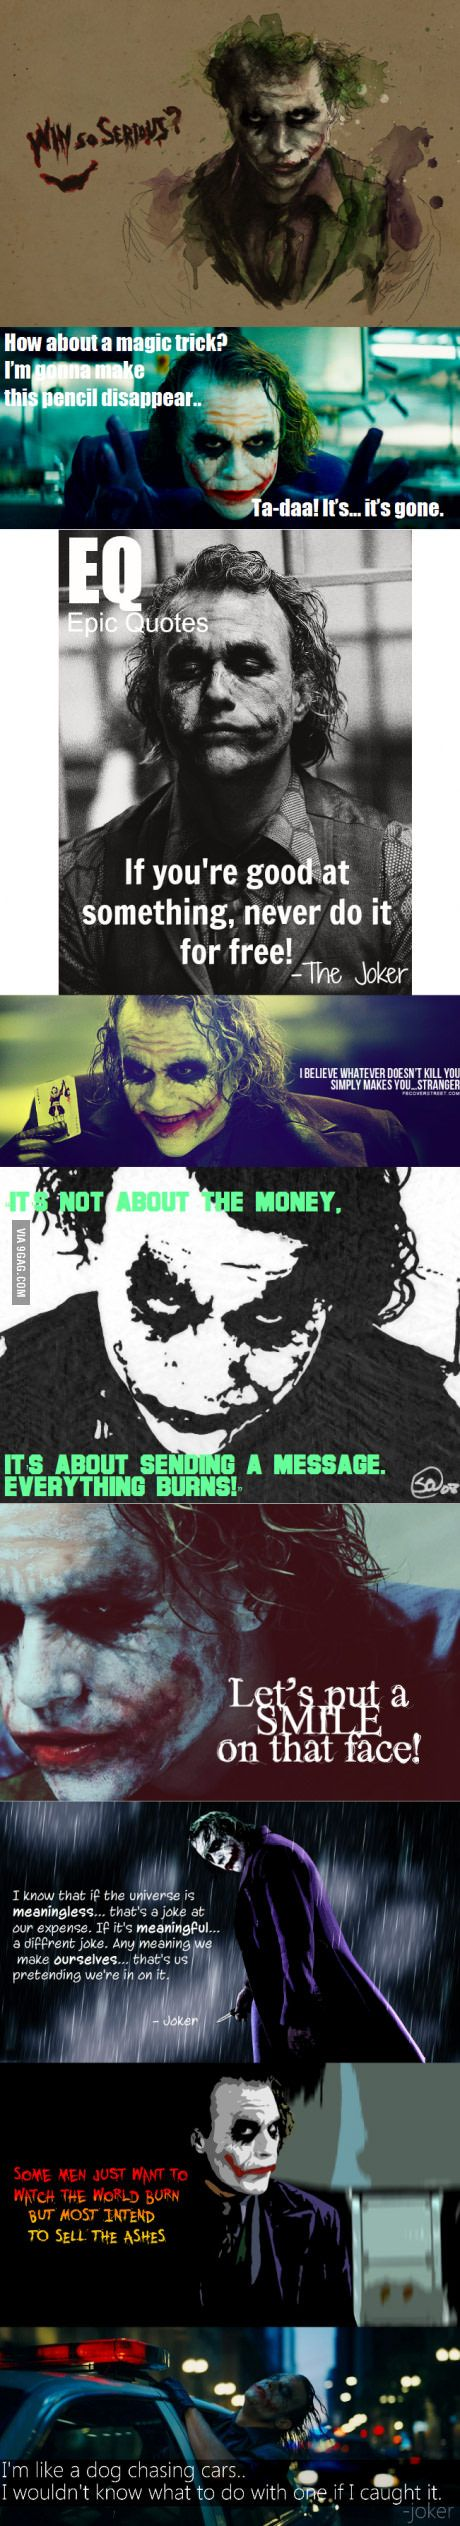 The Joker's best quotes.